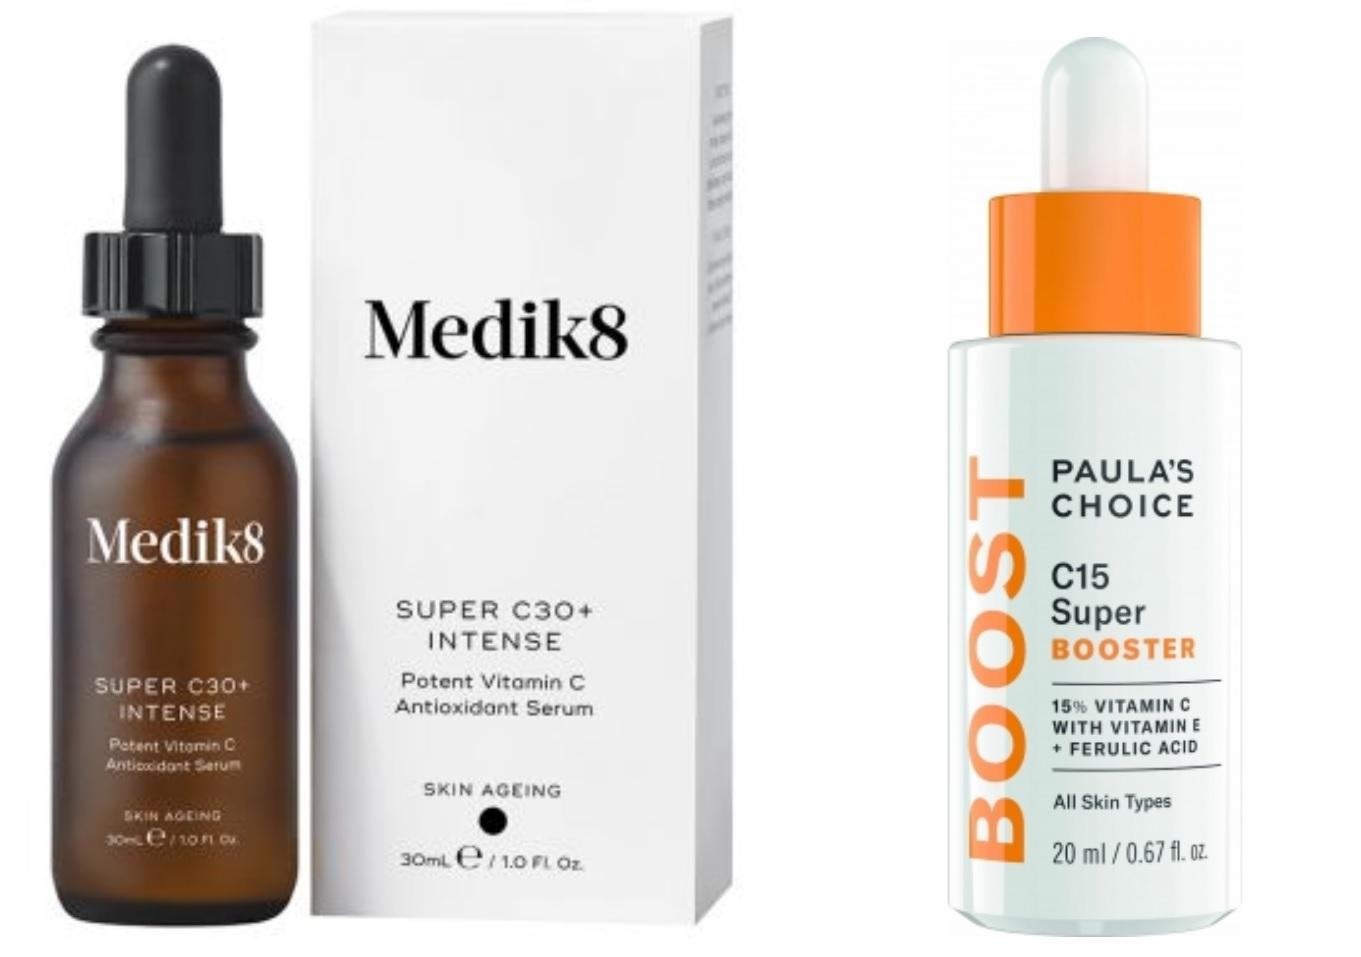 produkty obsahujúce vitamín C,vitamín E a kyselinu ferulovú